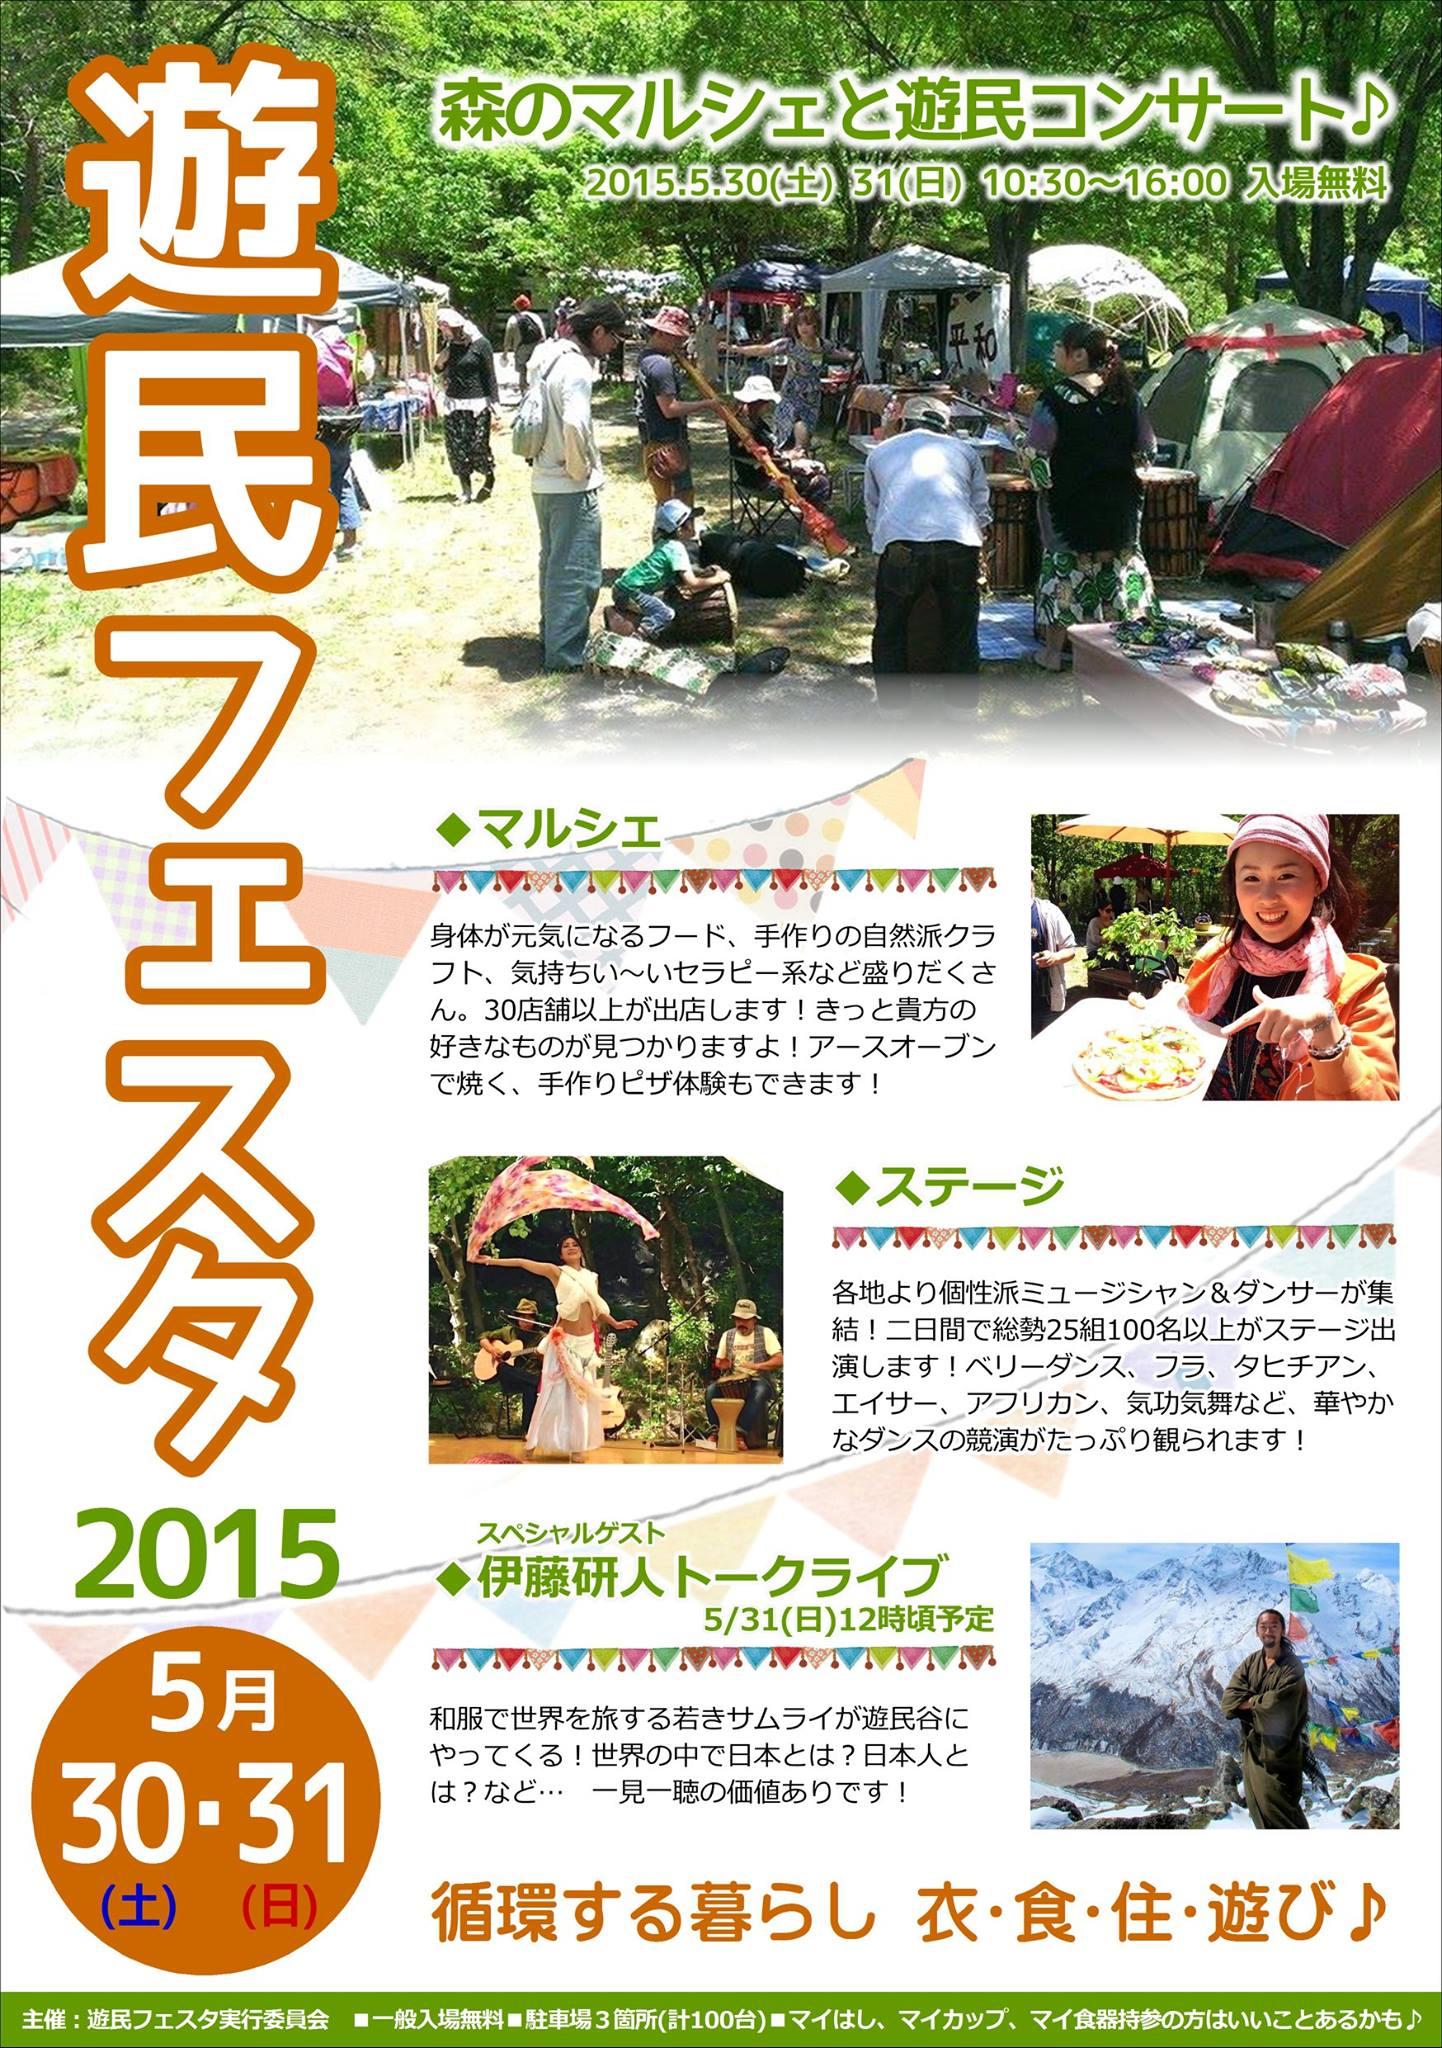 5/30-31@遊民谷